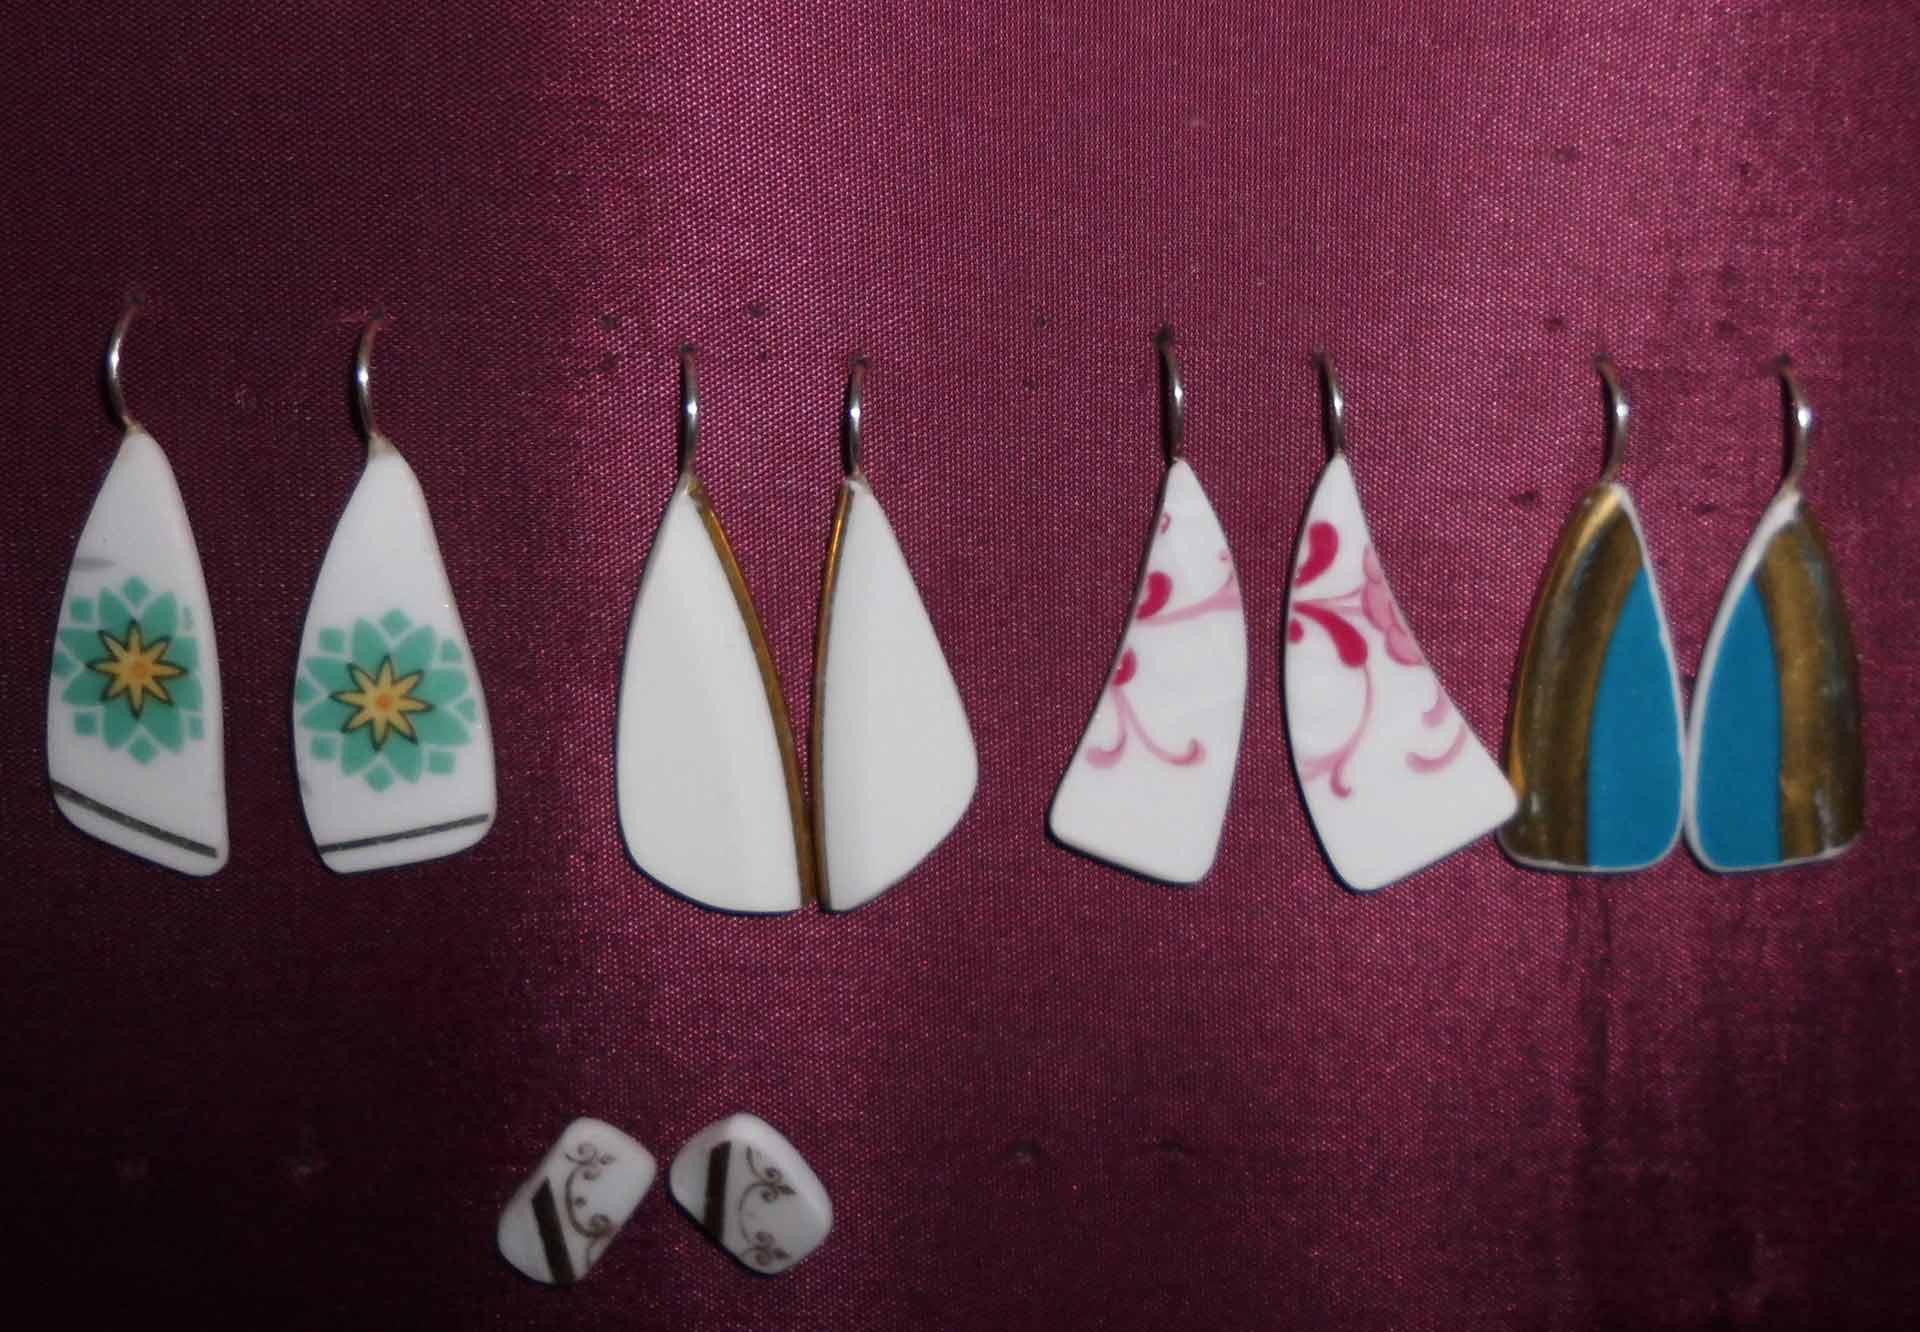 Ausstellungswand mit in dünnen Silberrahmen eingefassten Scherben aus Poltergeschirr